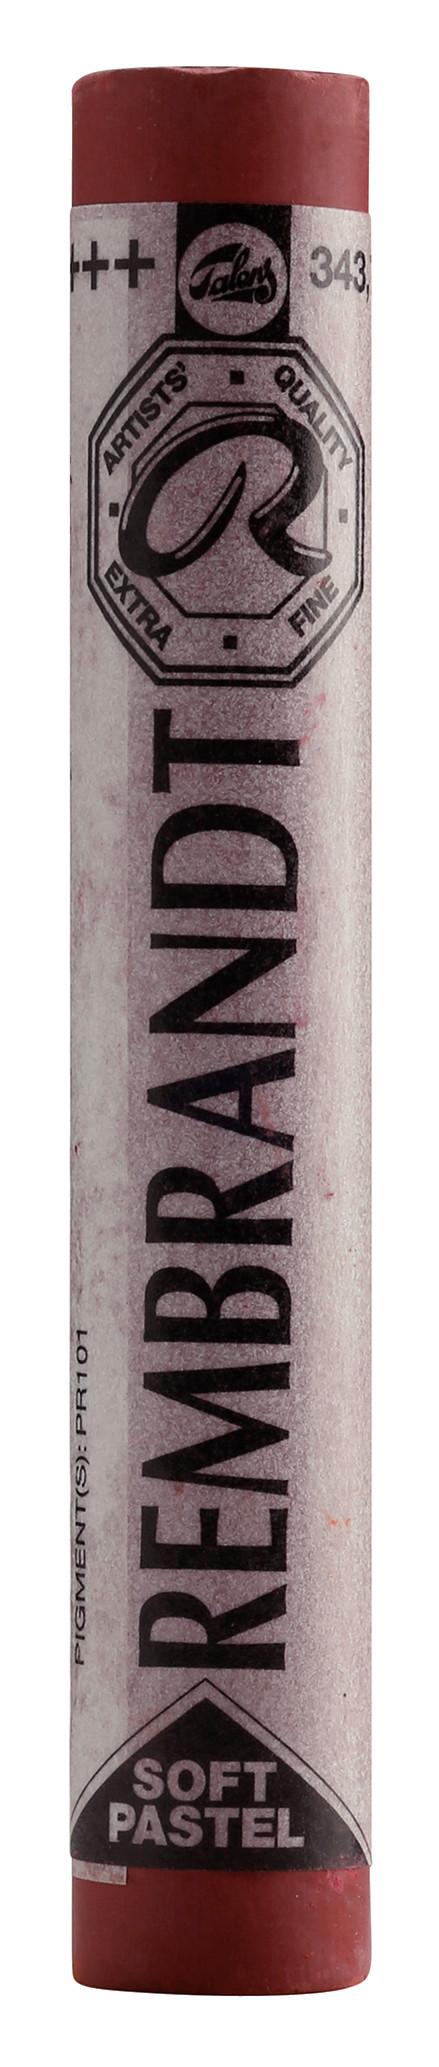 Rembrandt Soft Pastel Round Full Stick Caput Mortuum Violet(7) (343.7)